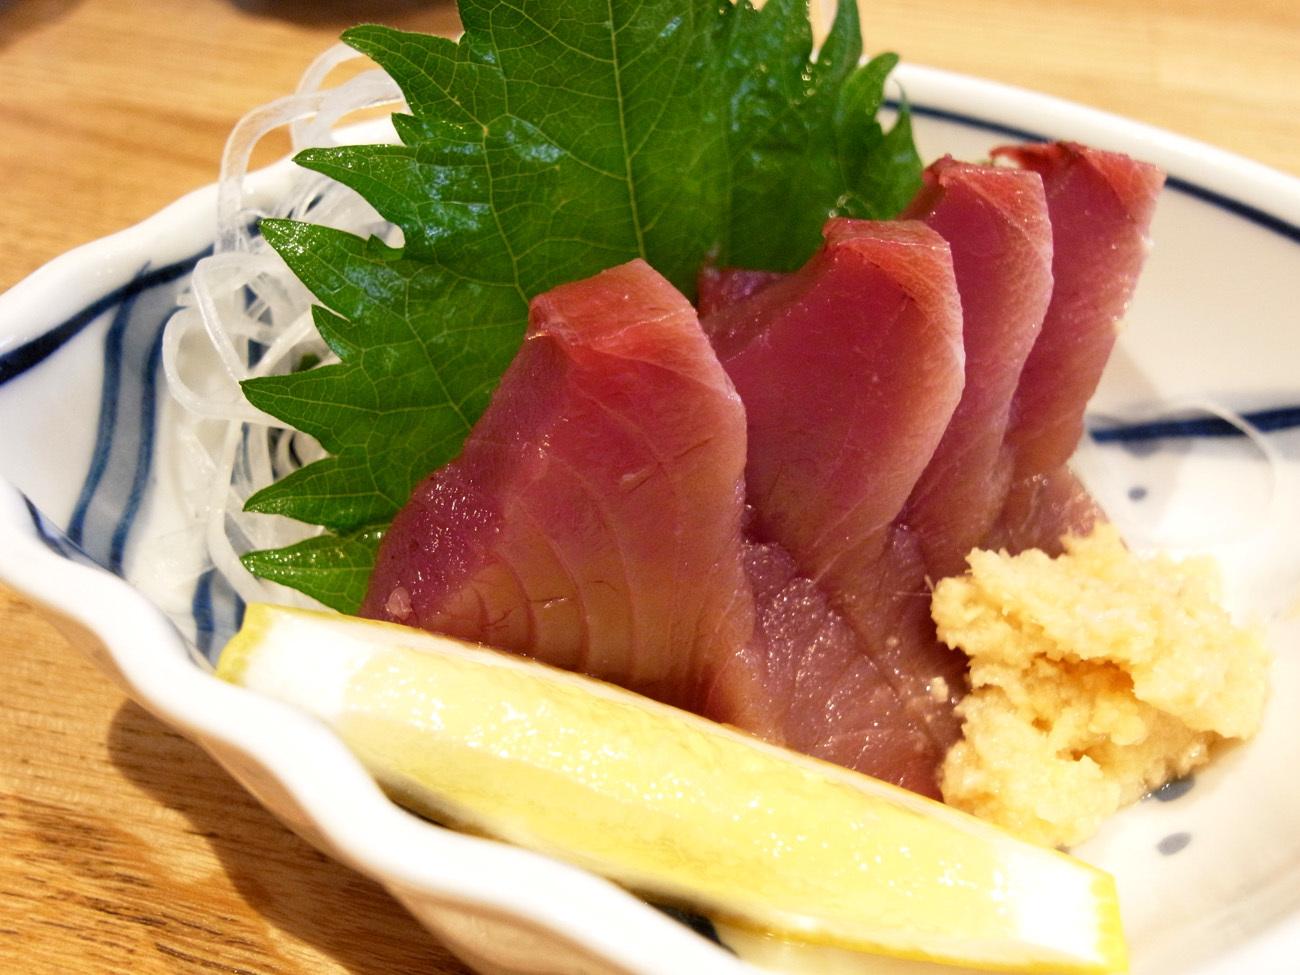 コスパ高めでサービスも良し〔八三郎/寿司・鮮魚料理/各線日本橋〕_f0195971_10343509.jpg